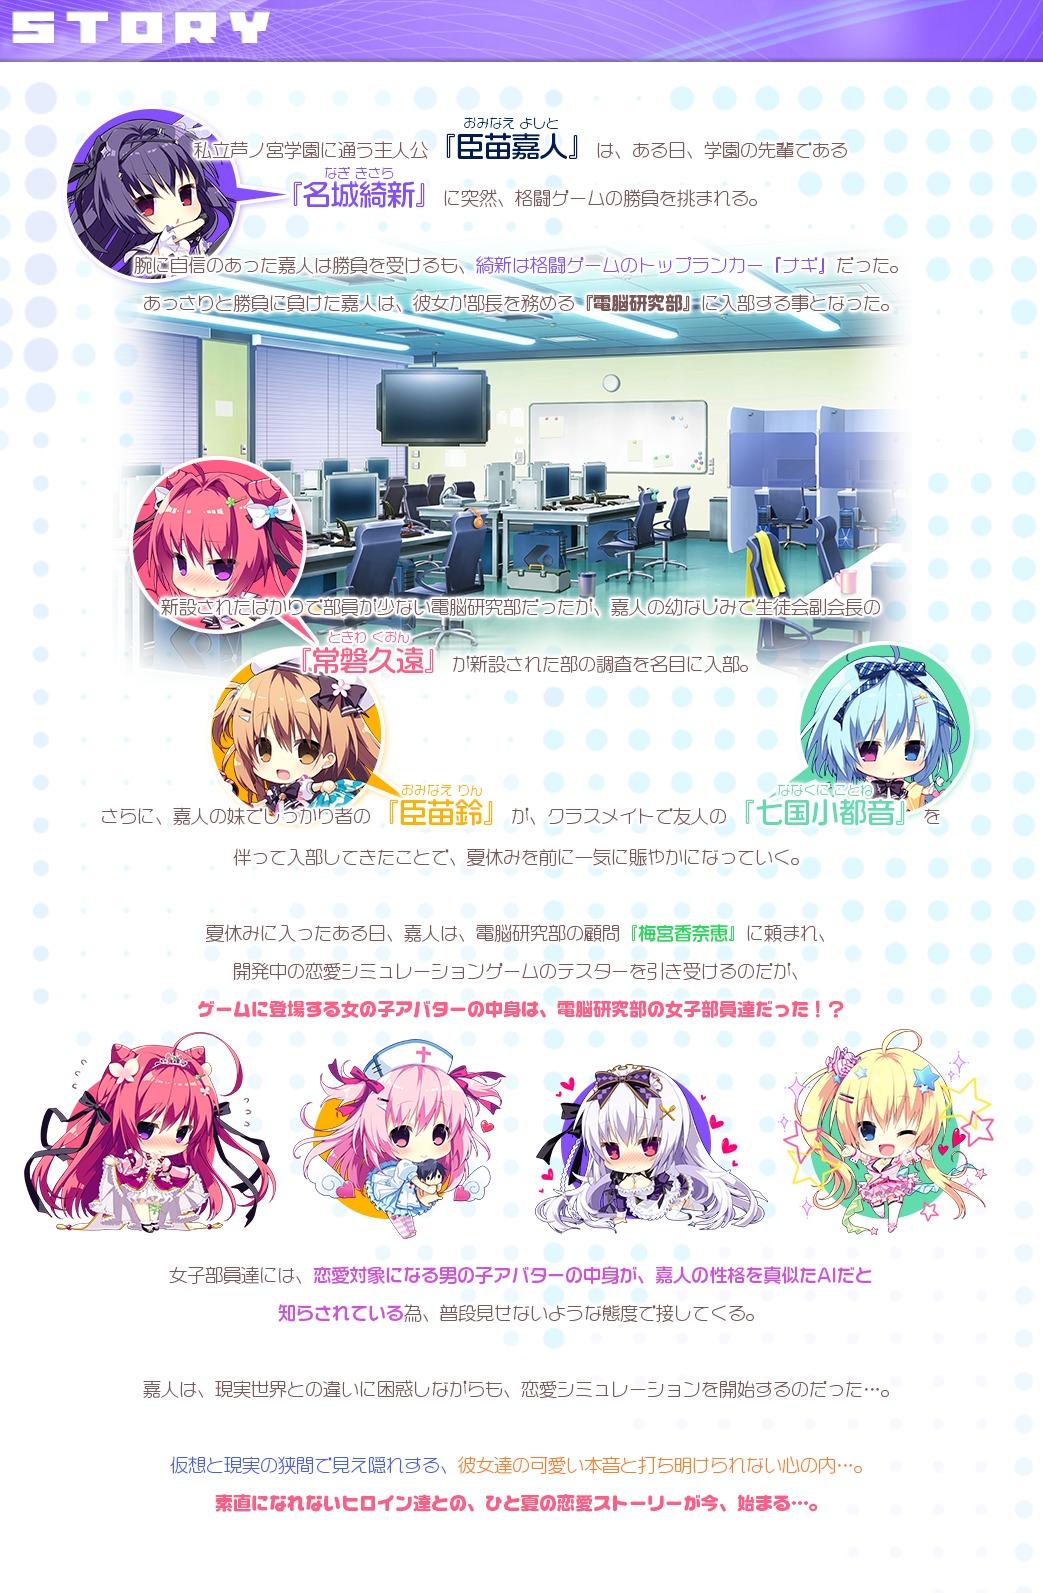 ナツイロココロログ Hearts 3rd Project